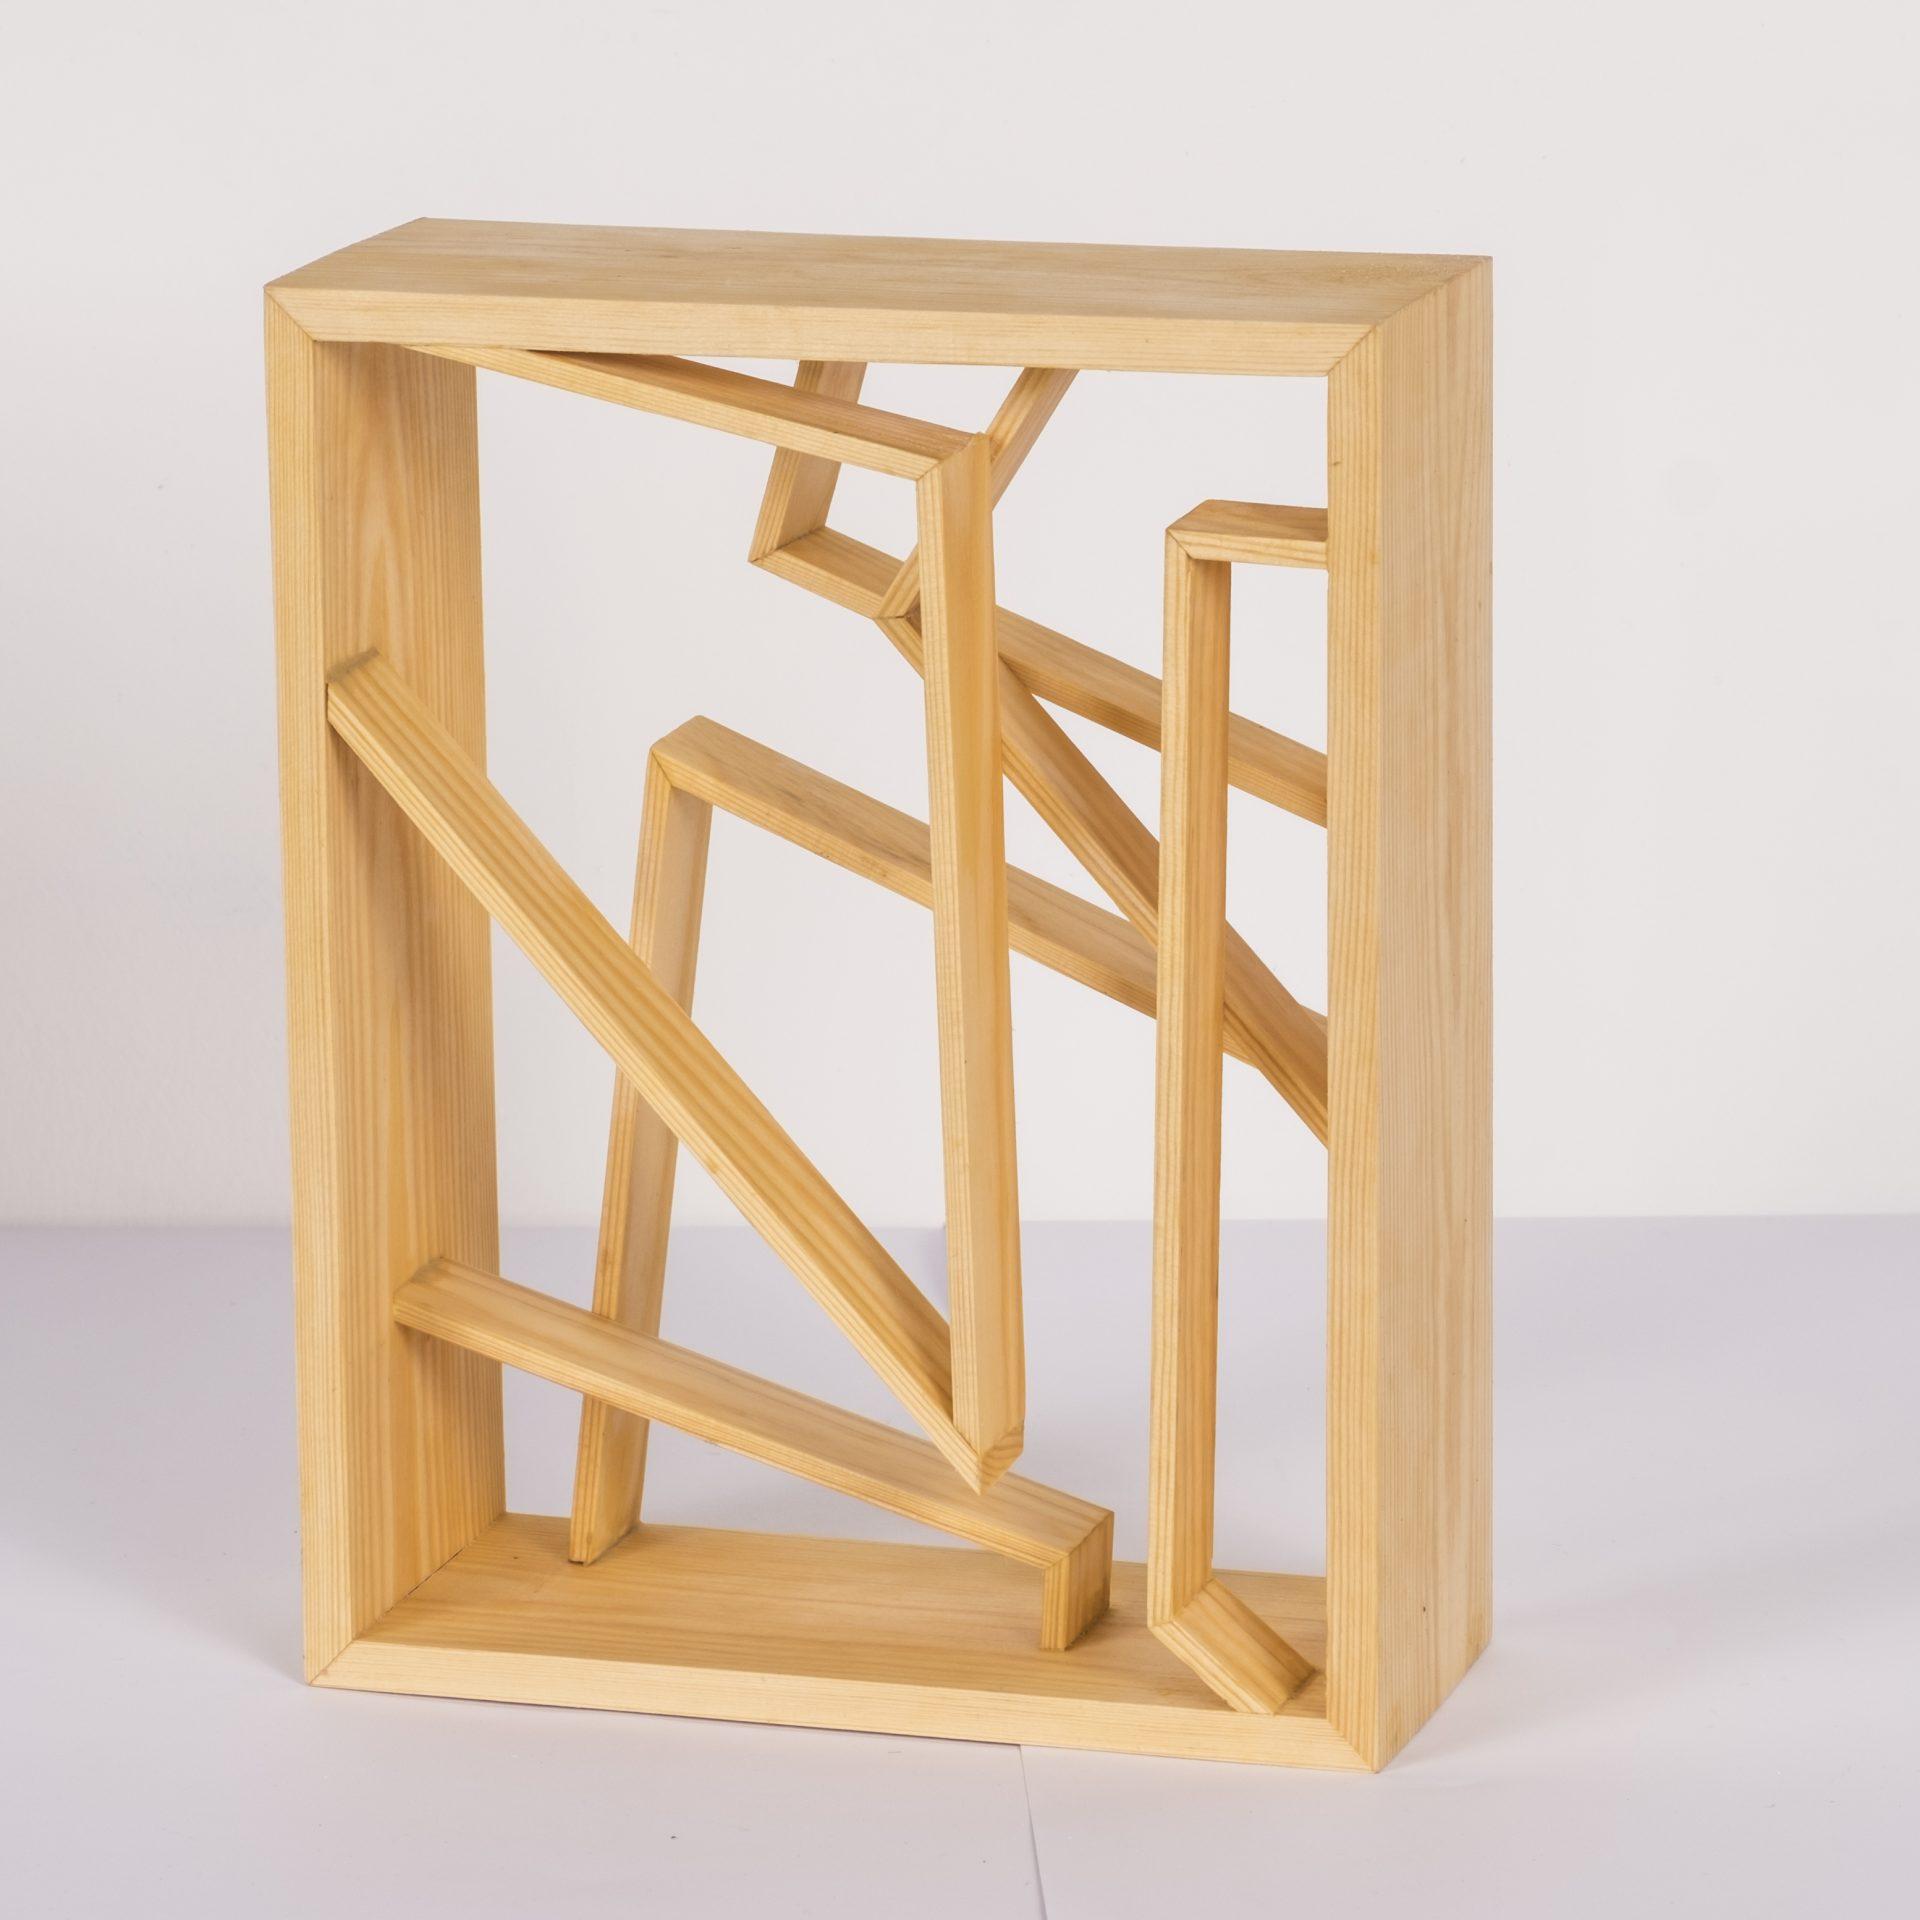 Unlimited in Dynamo<br>RMR34<br>misure: circa 28 x 22 cm<br>tecnica: legno pino <br>anno: 2018<br><br>DISPONIBILE